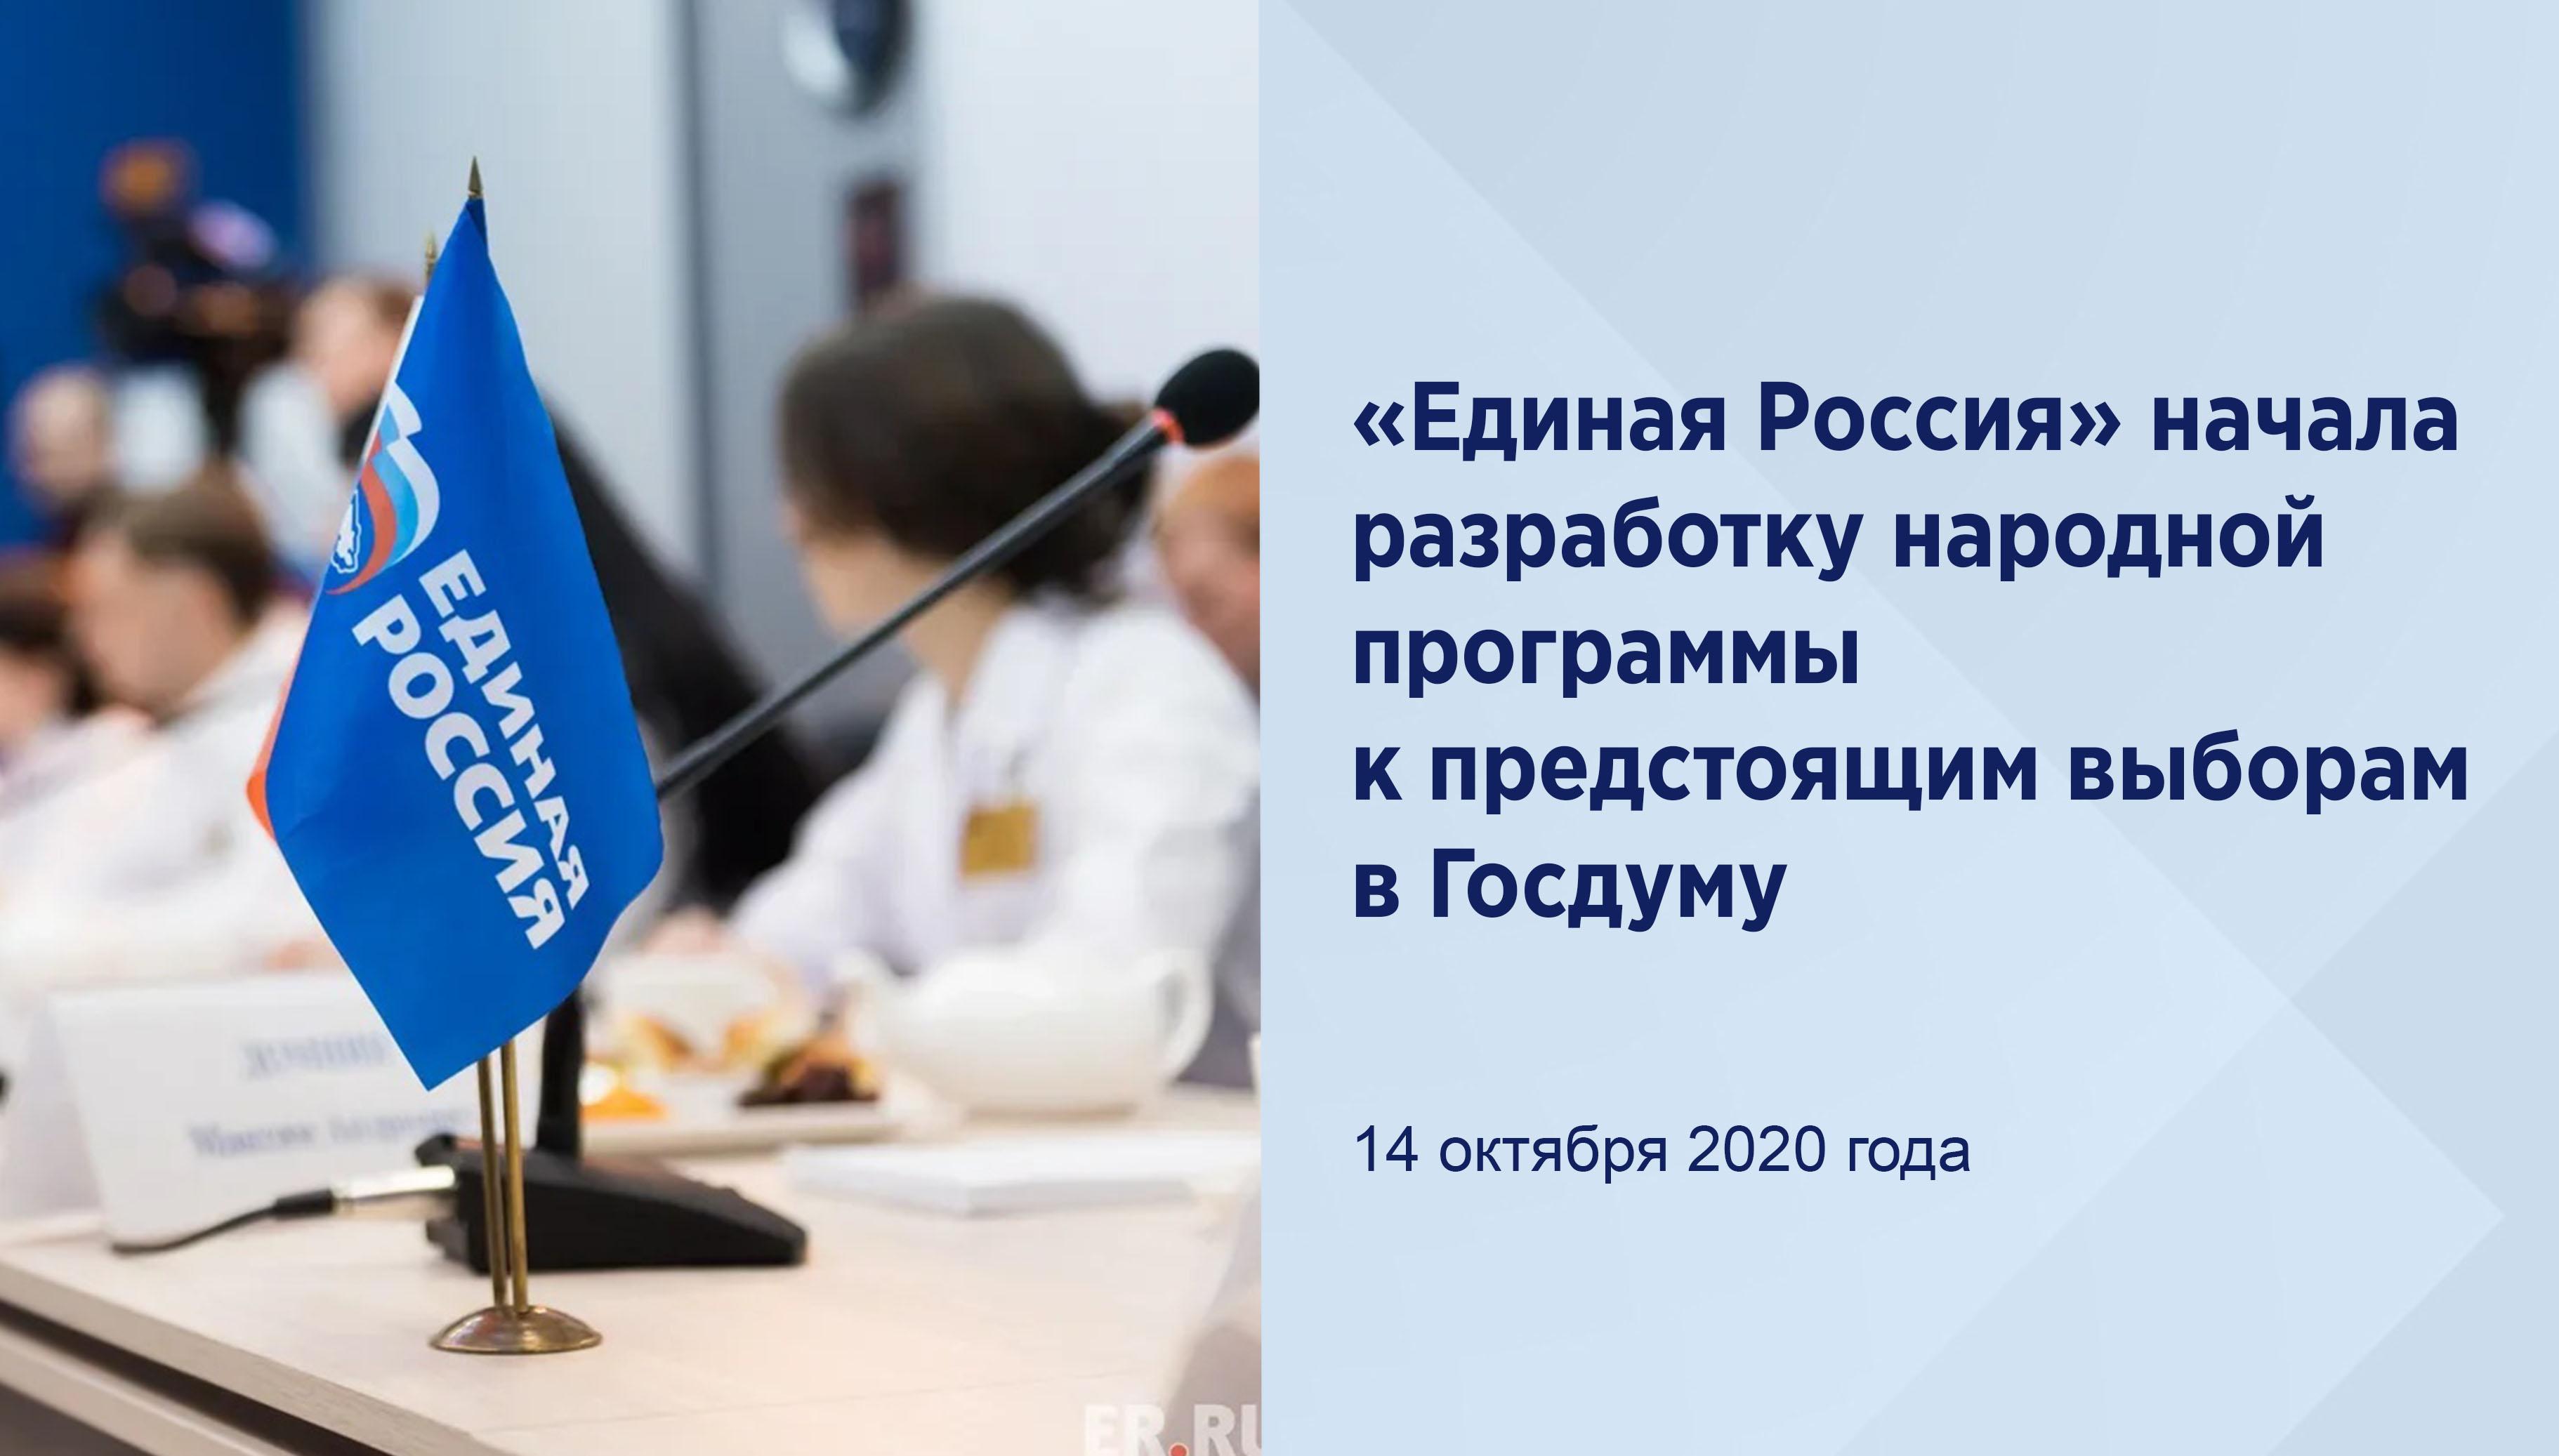 «Единая Россия» начала разработку народной программы к предстоящим выборам в Госдуму